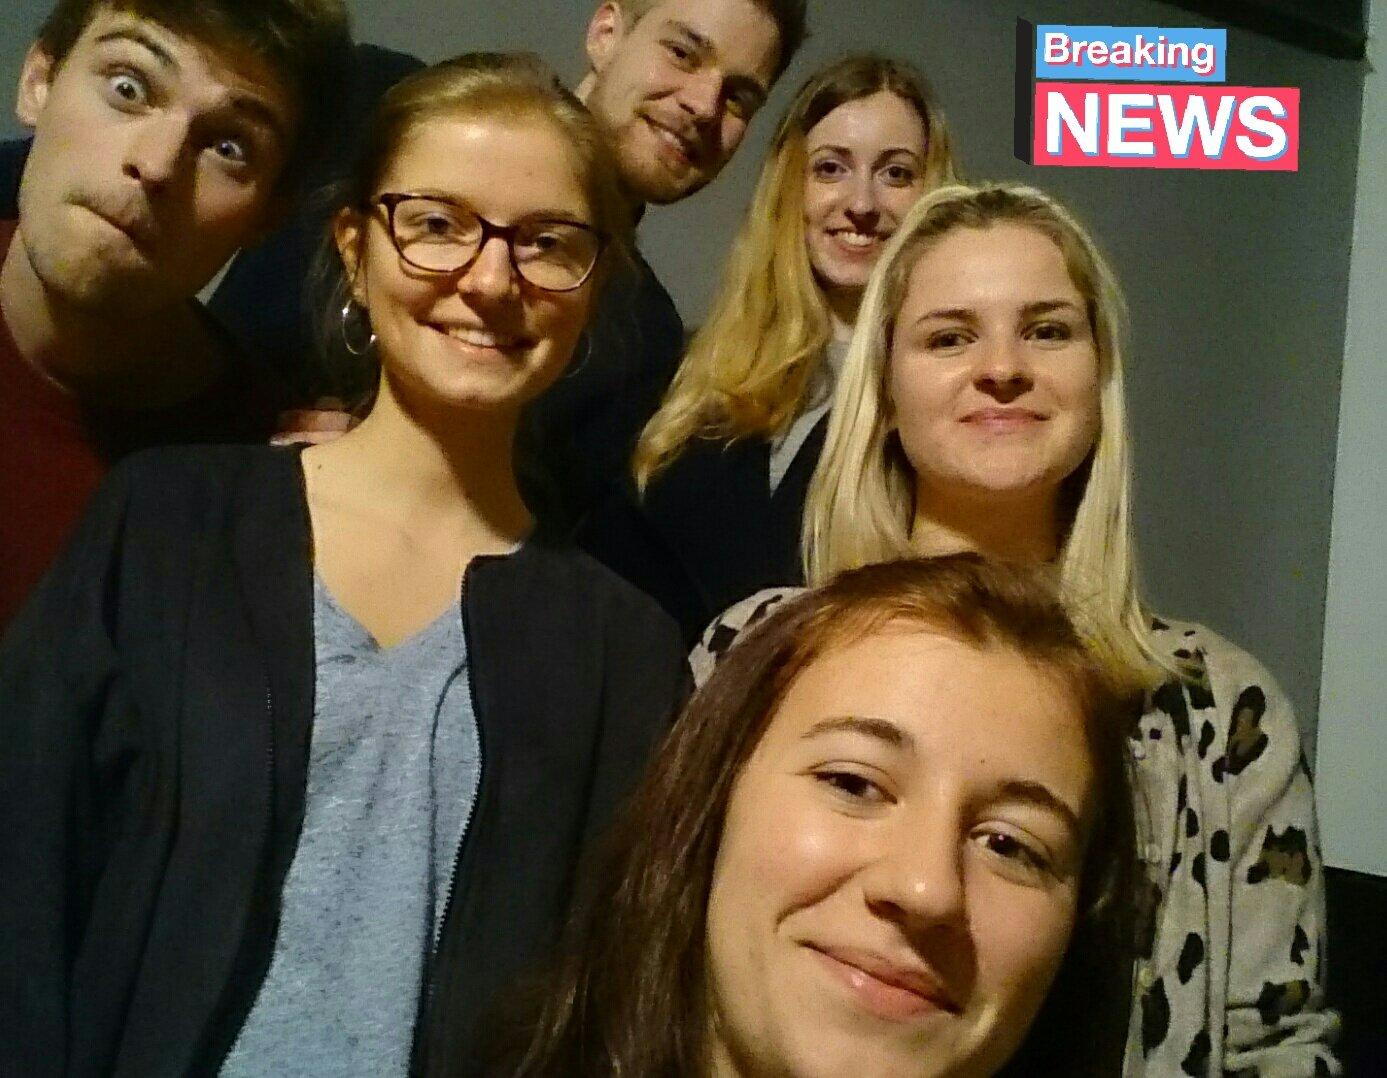 Unsere Live-Redaktion wird heute für euch von den JugendPolitikTagen berichten 🍊 Gleich geht's los! @BMFSFJ  @ManuelaSchwesig #JPT17 https://t.co/hRwO79aqWM